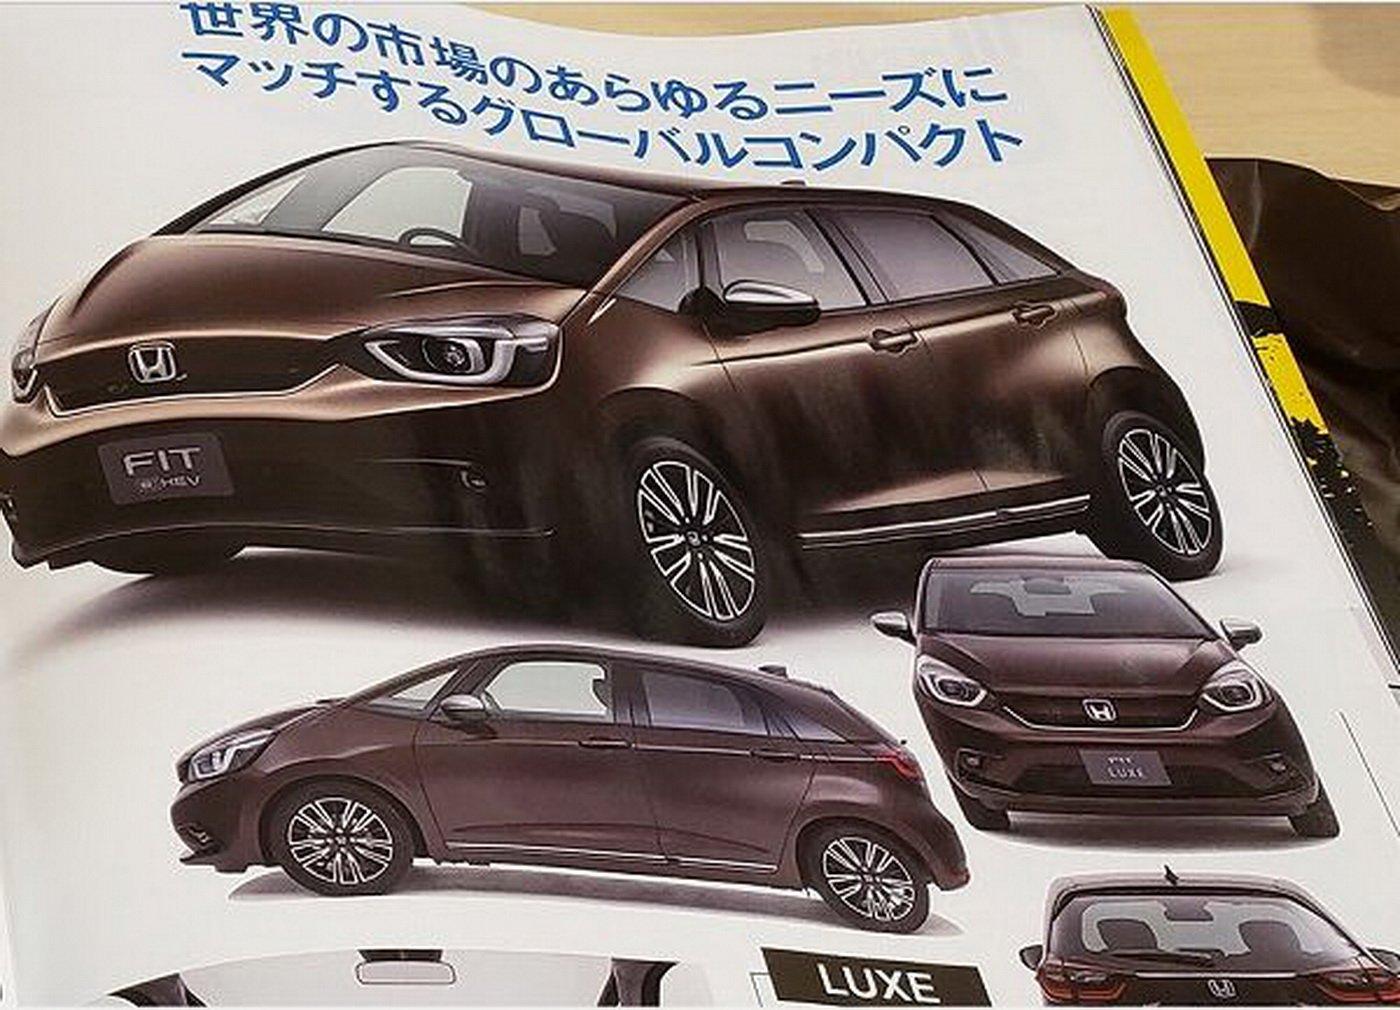 2020_Honda_Jazz_leaked_0004